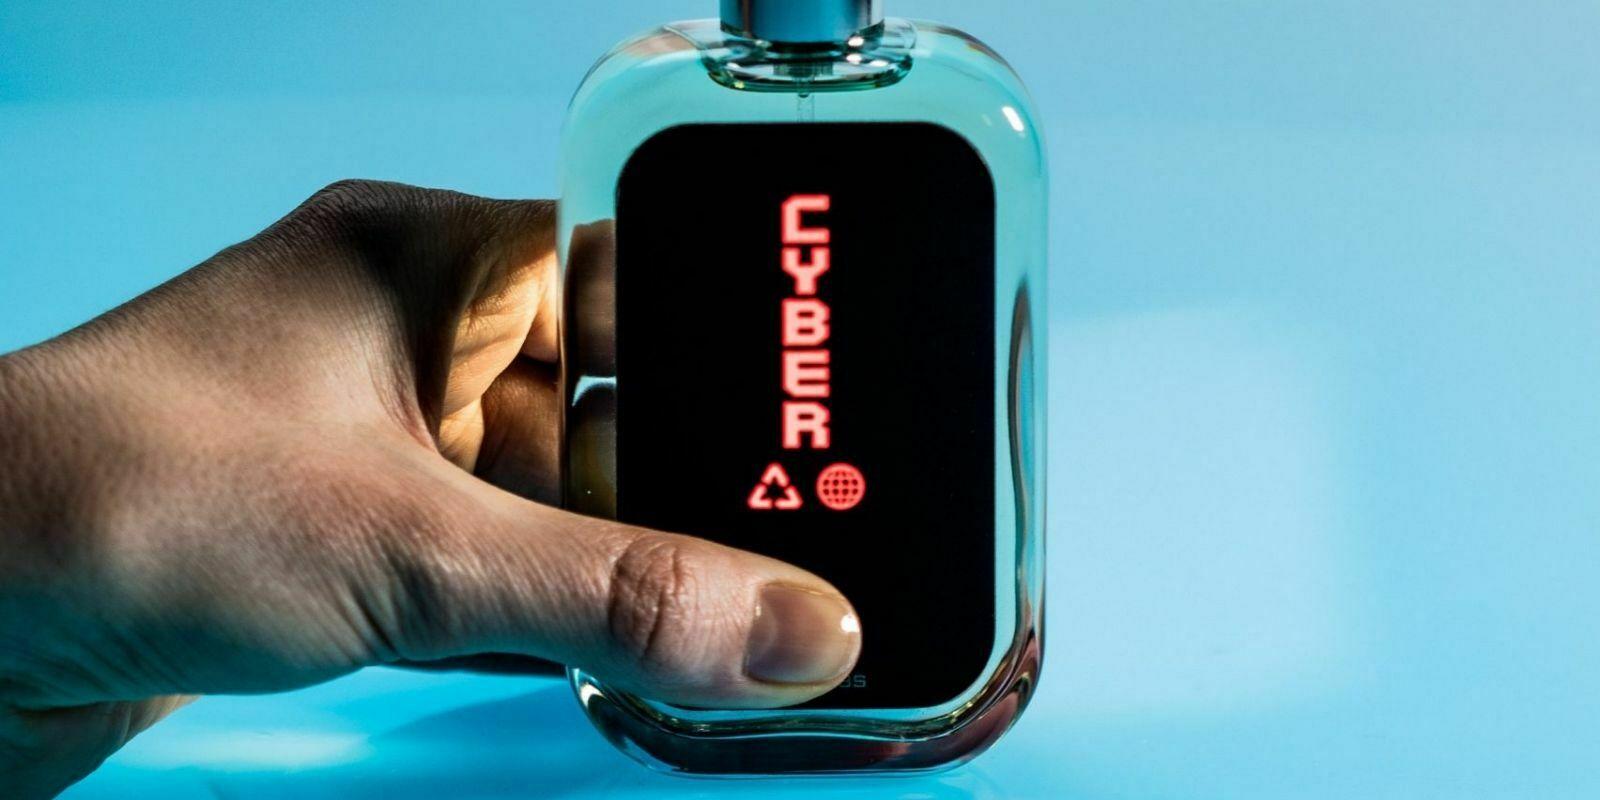 Un parfum en NFT : Look Labs mélange le luxe, l'art et la technologie